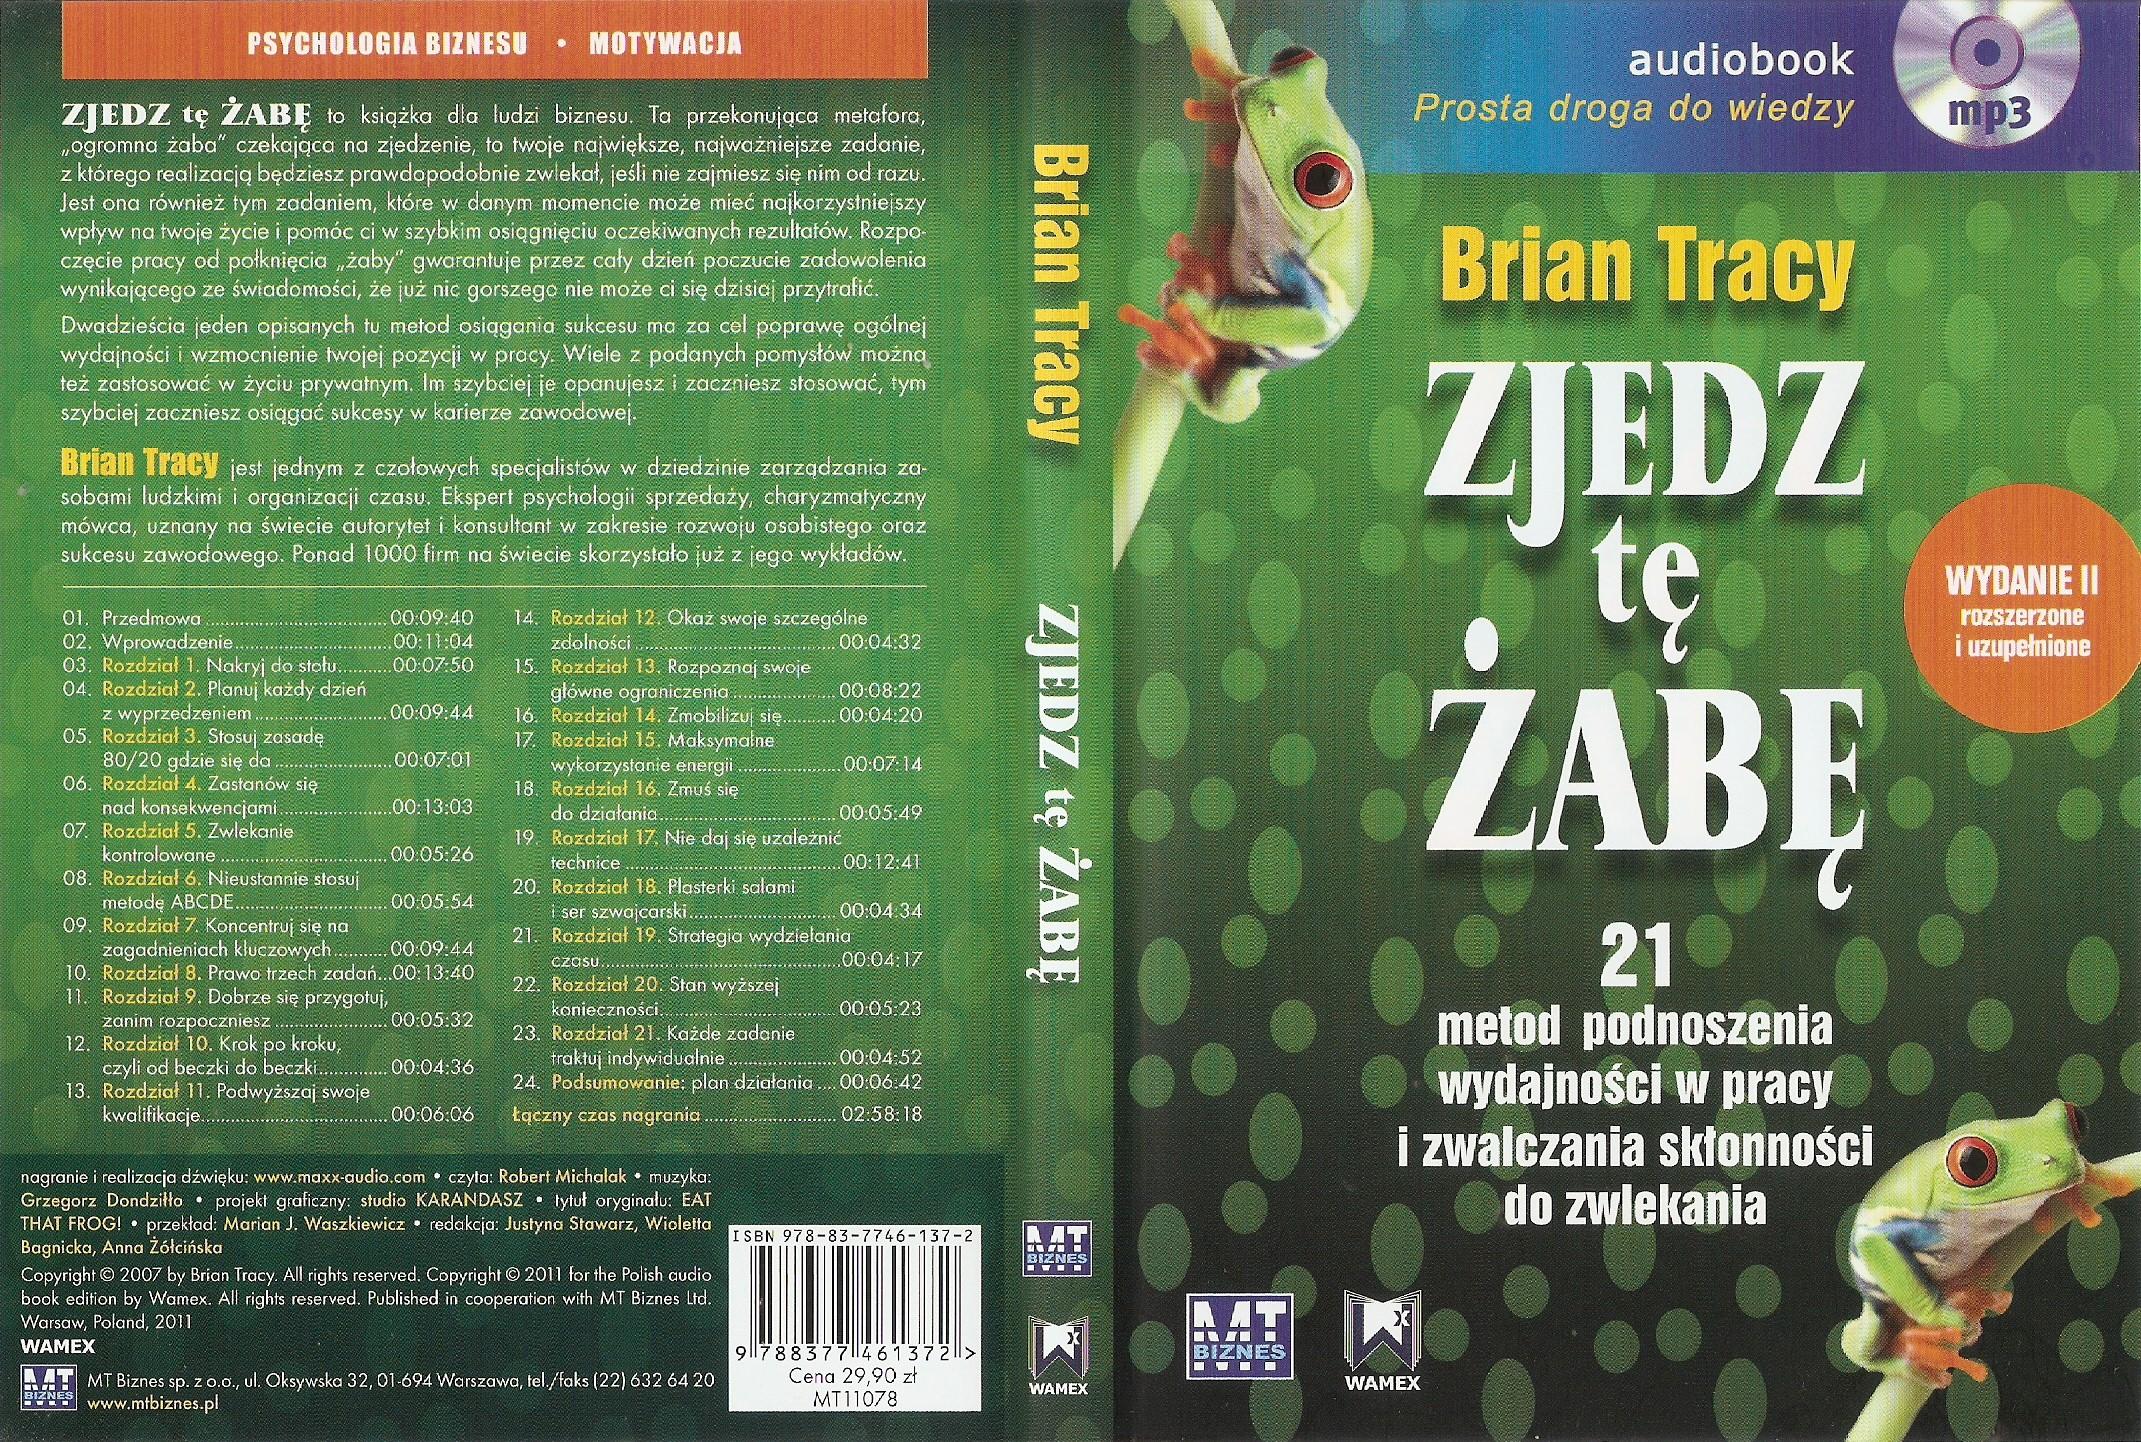 Zjedz tę żabę – Brian Tracy (audiobook)